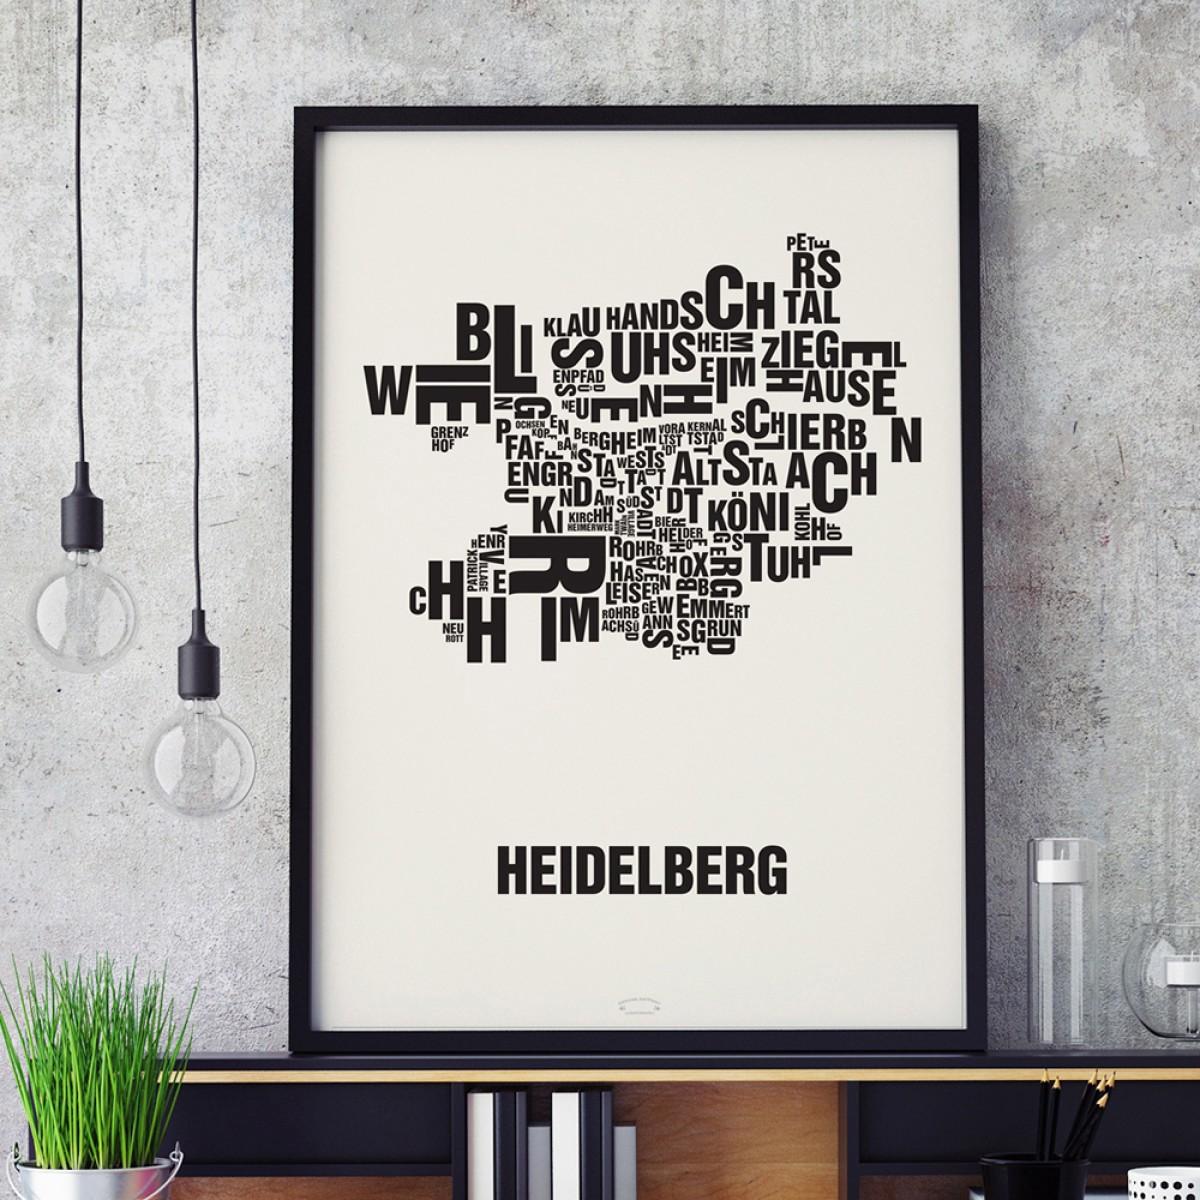 Buchstabenort Heidelberg Stadtteile-Poster Typografie Siebdruck